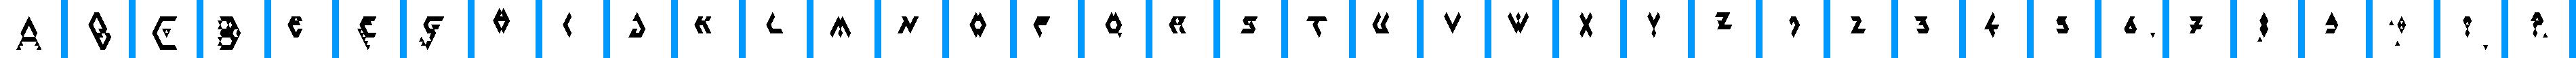 Particip-a-type v.134